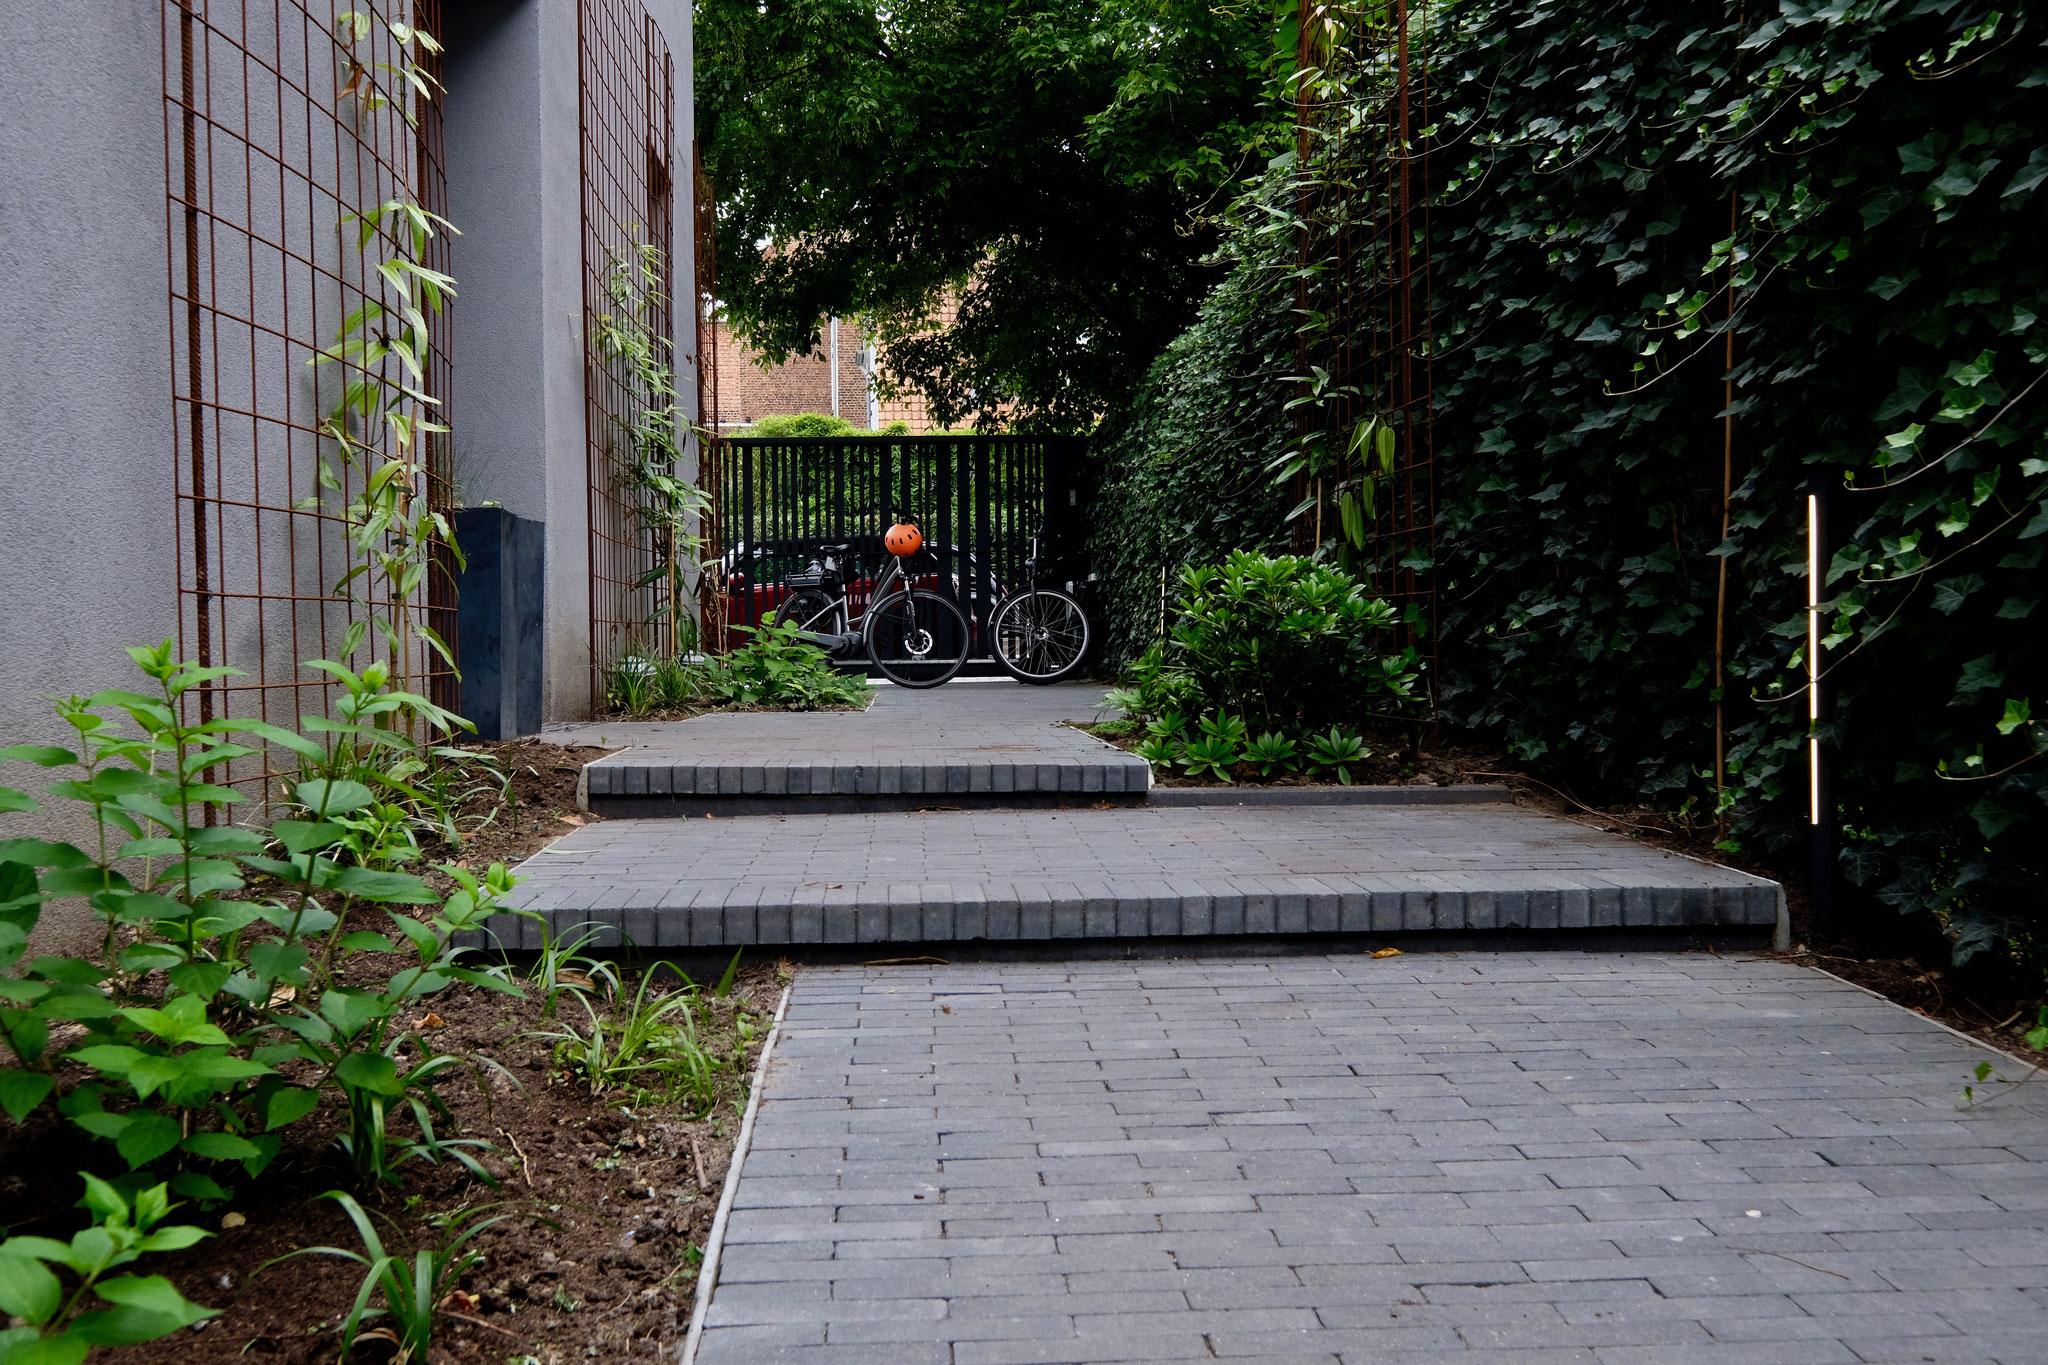 Jardin de ville 150m2 - Jardin contemporain - allée vers l'entrée. Aménagement jardin Bruxelles